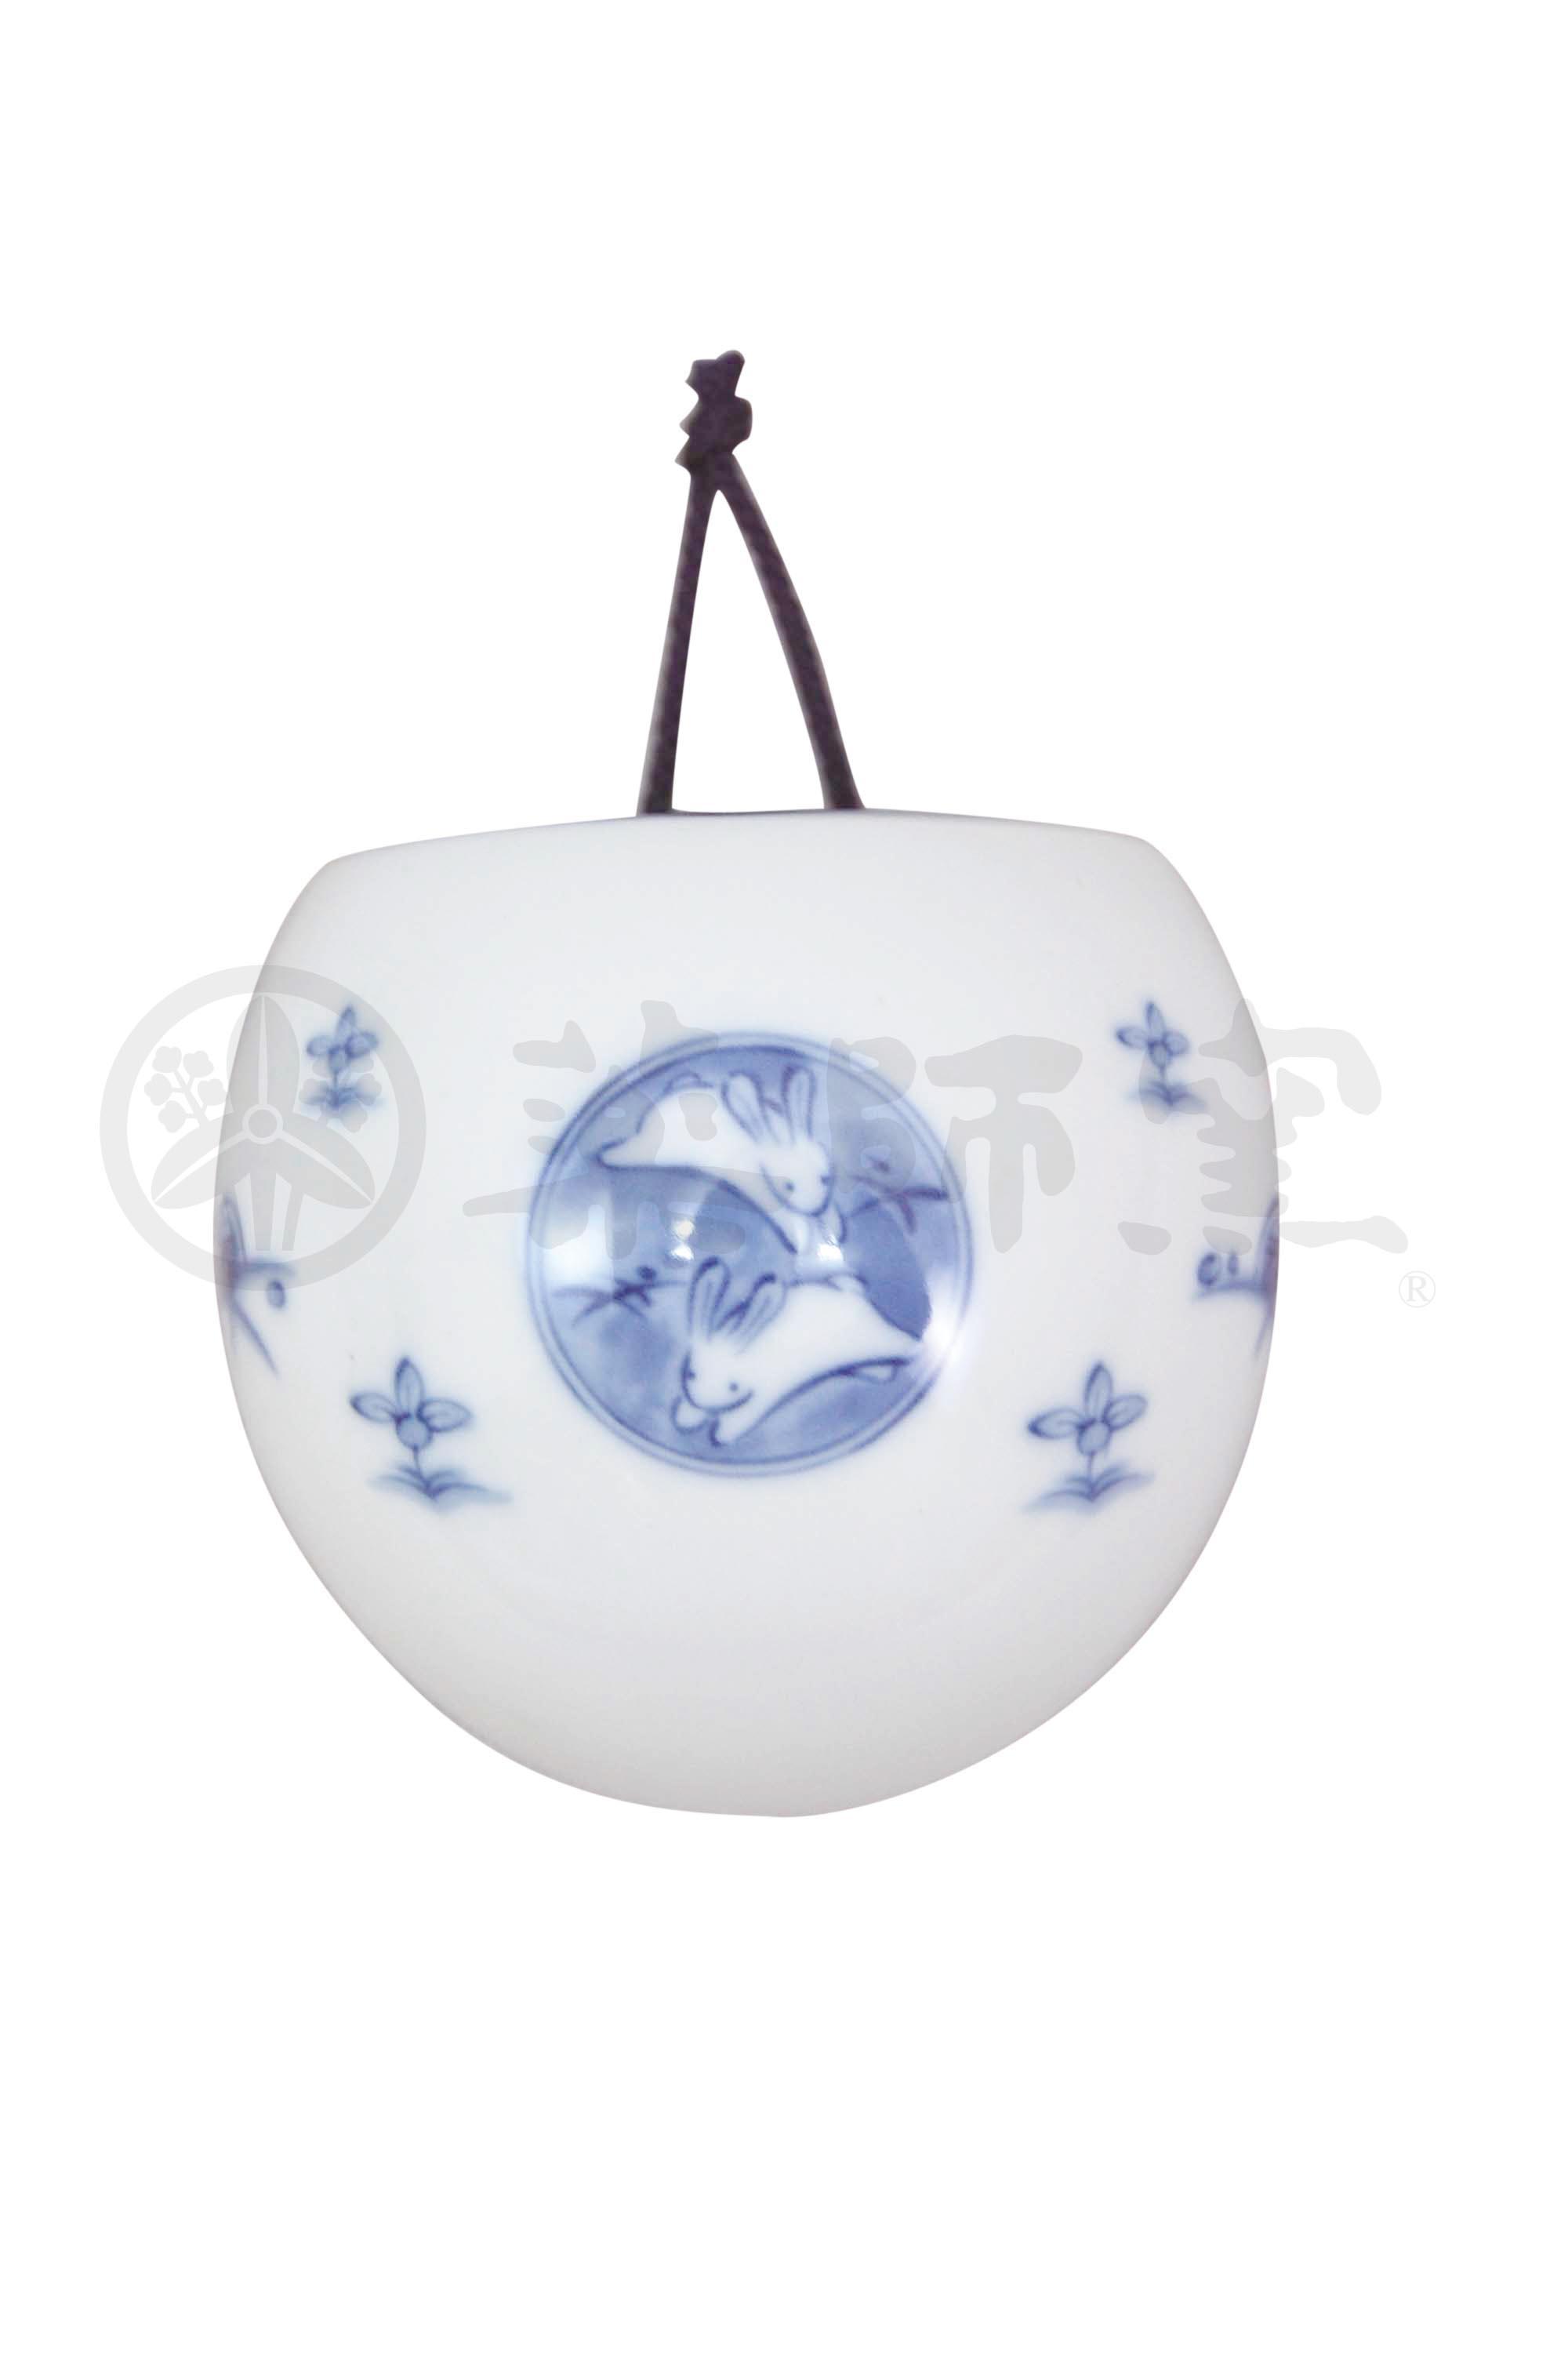 6517染付け壁掛け花瓶(お椀型)